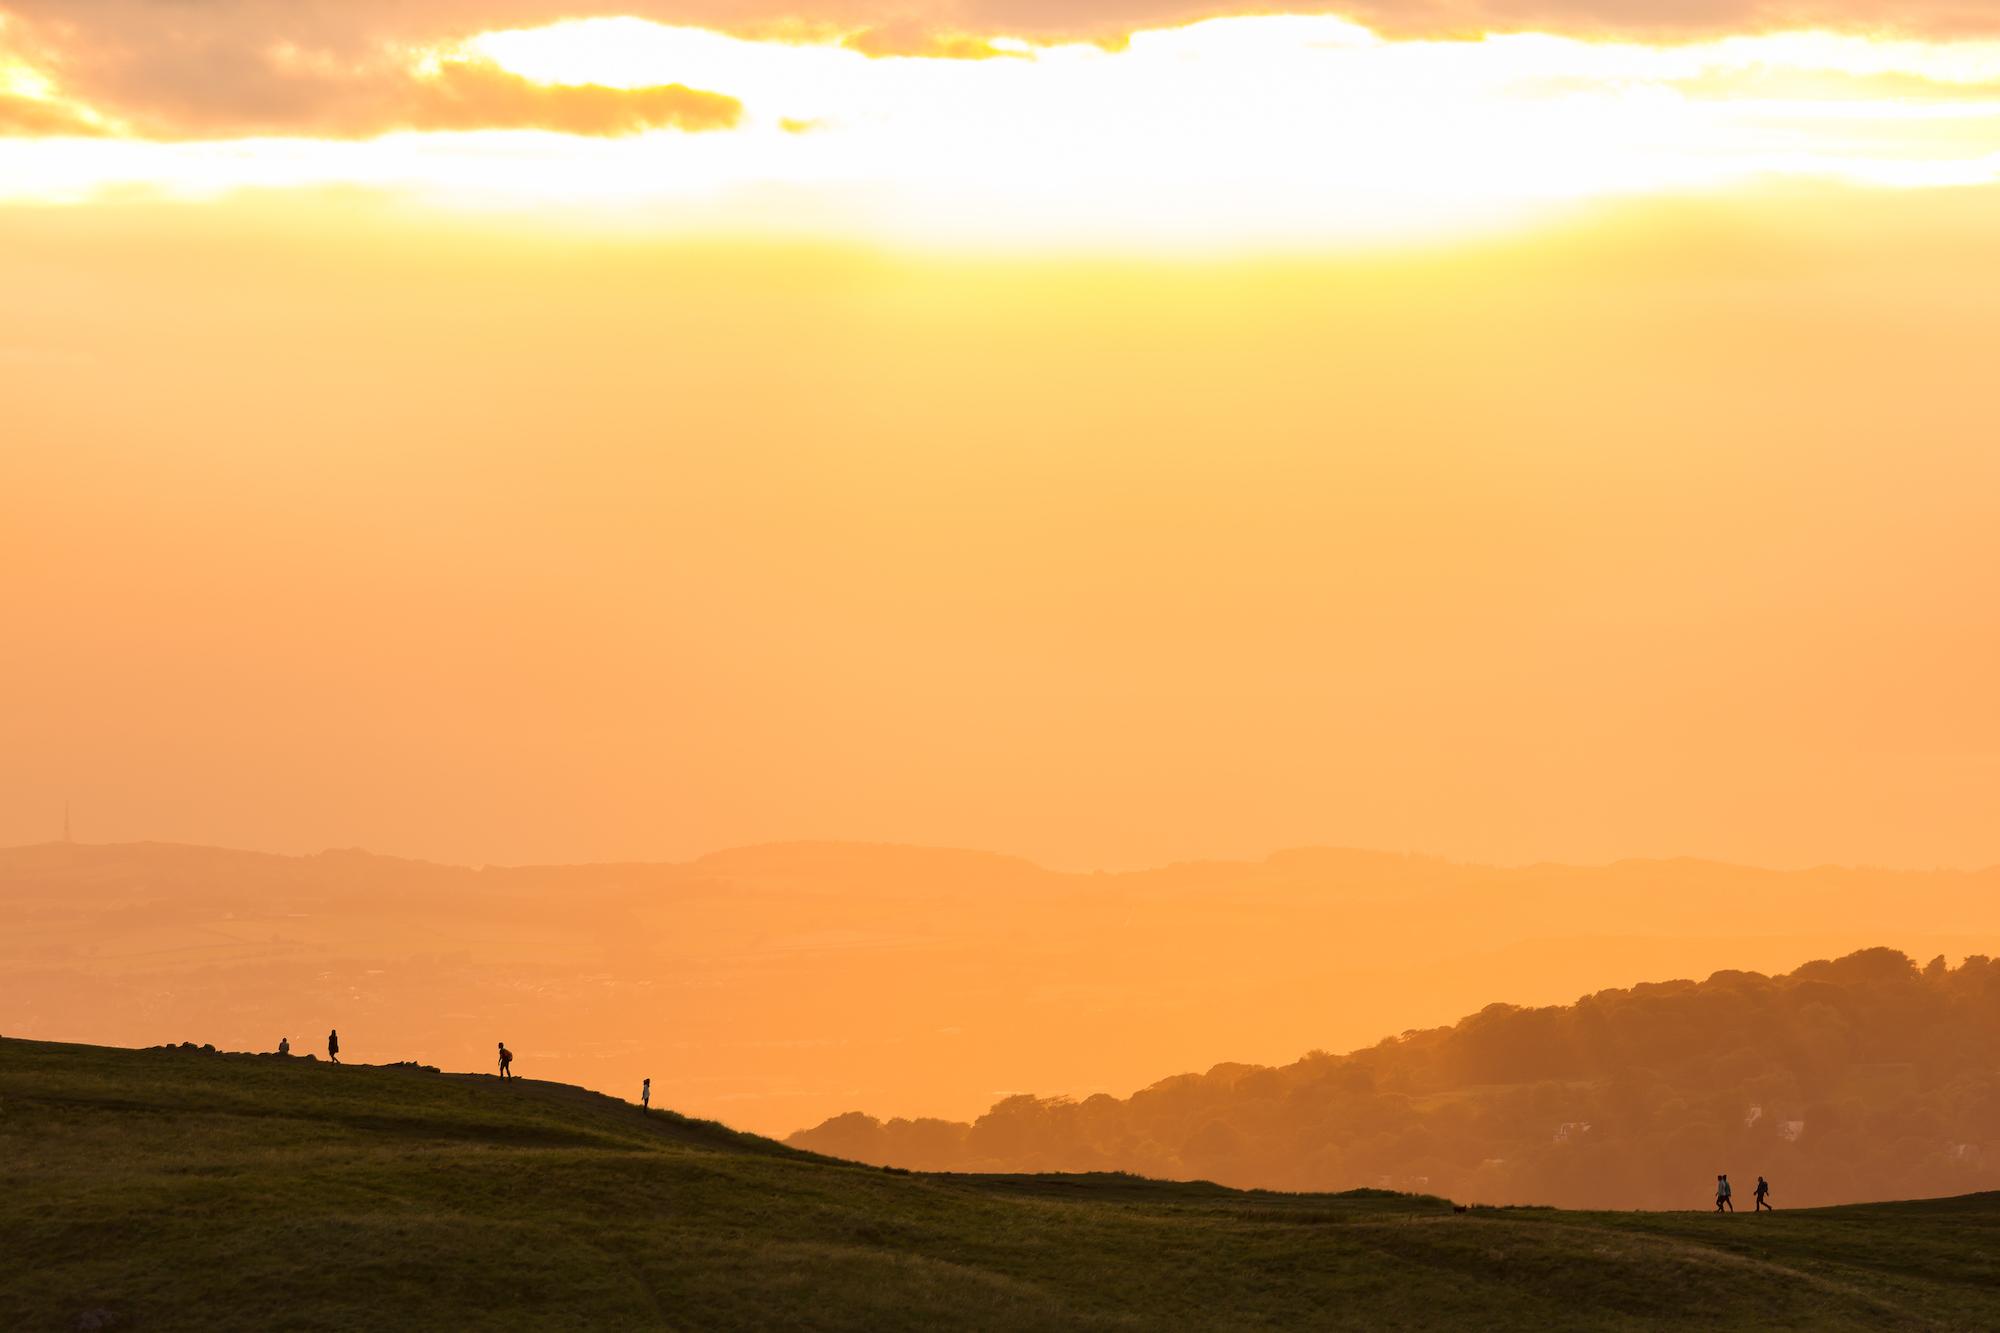 (822) Golden Hour Sunset on Arthur's Seat, Holyrood Park, Edinburgh, Scotland.jpg